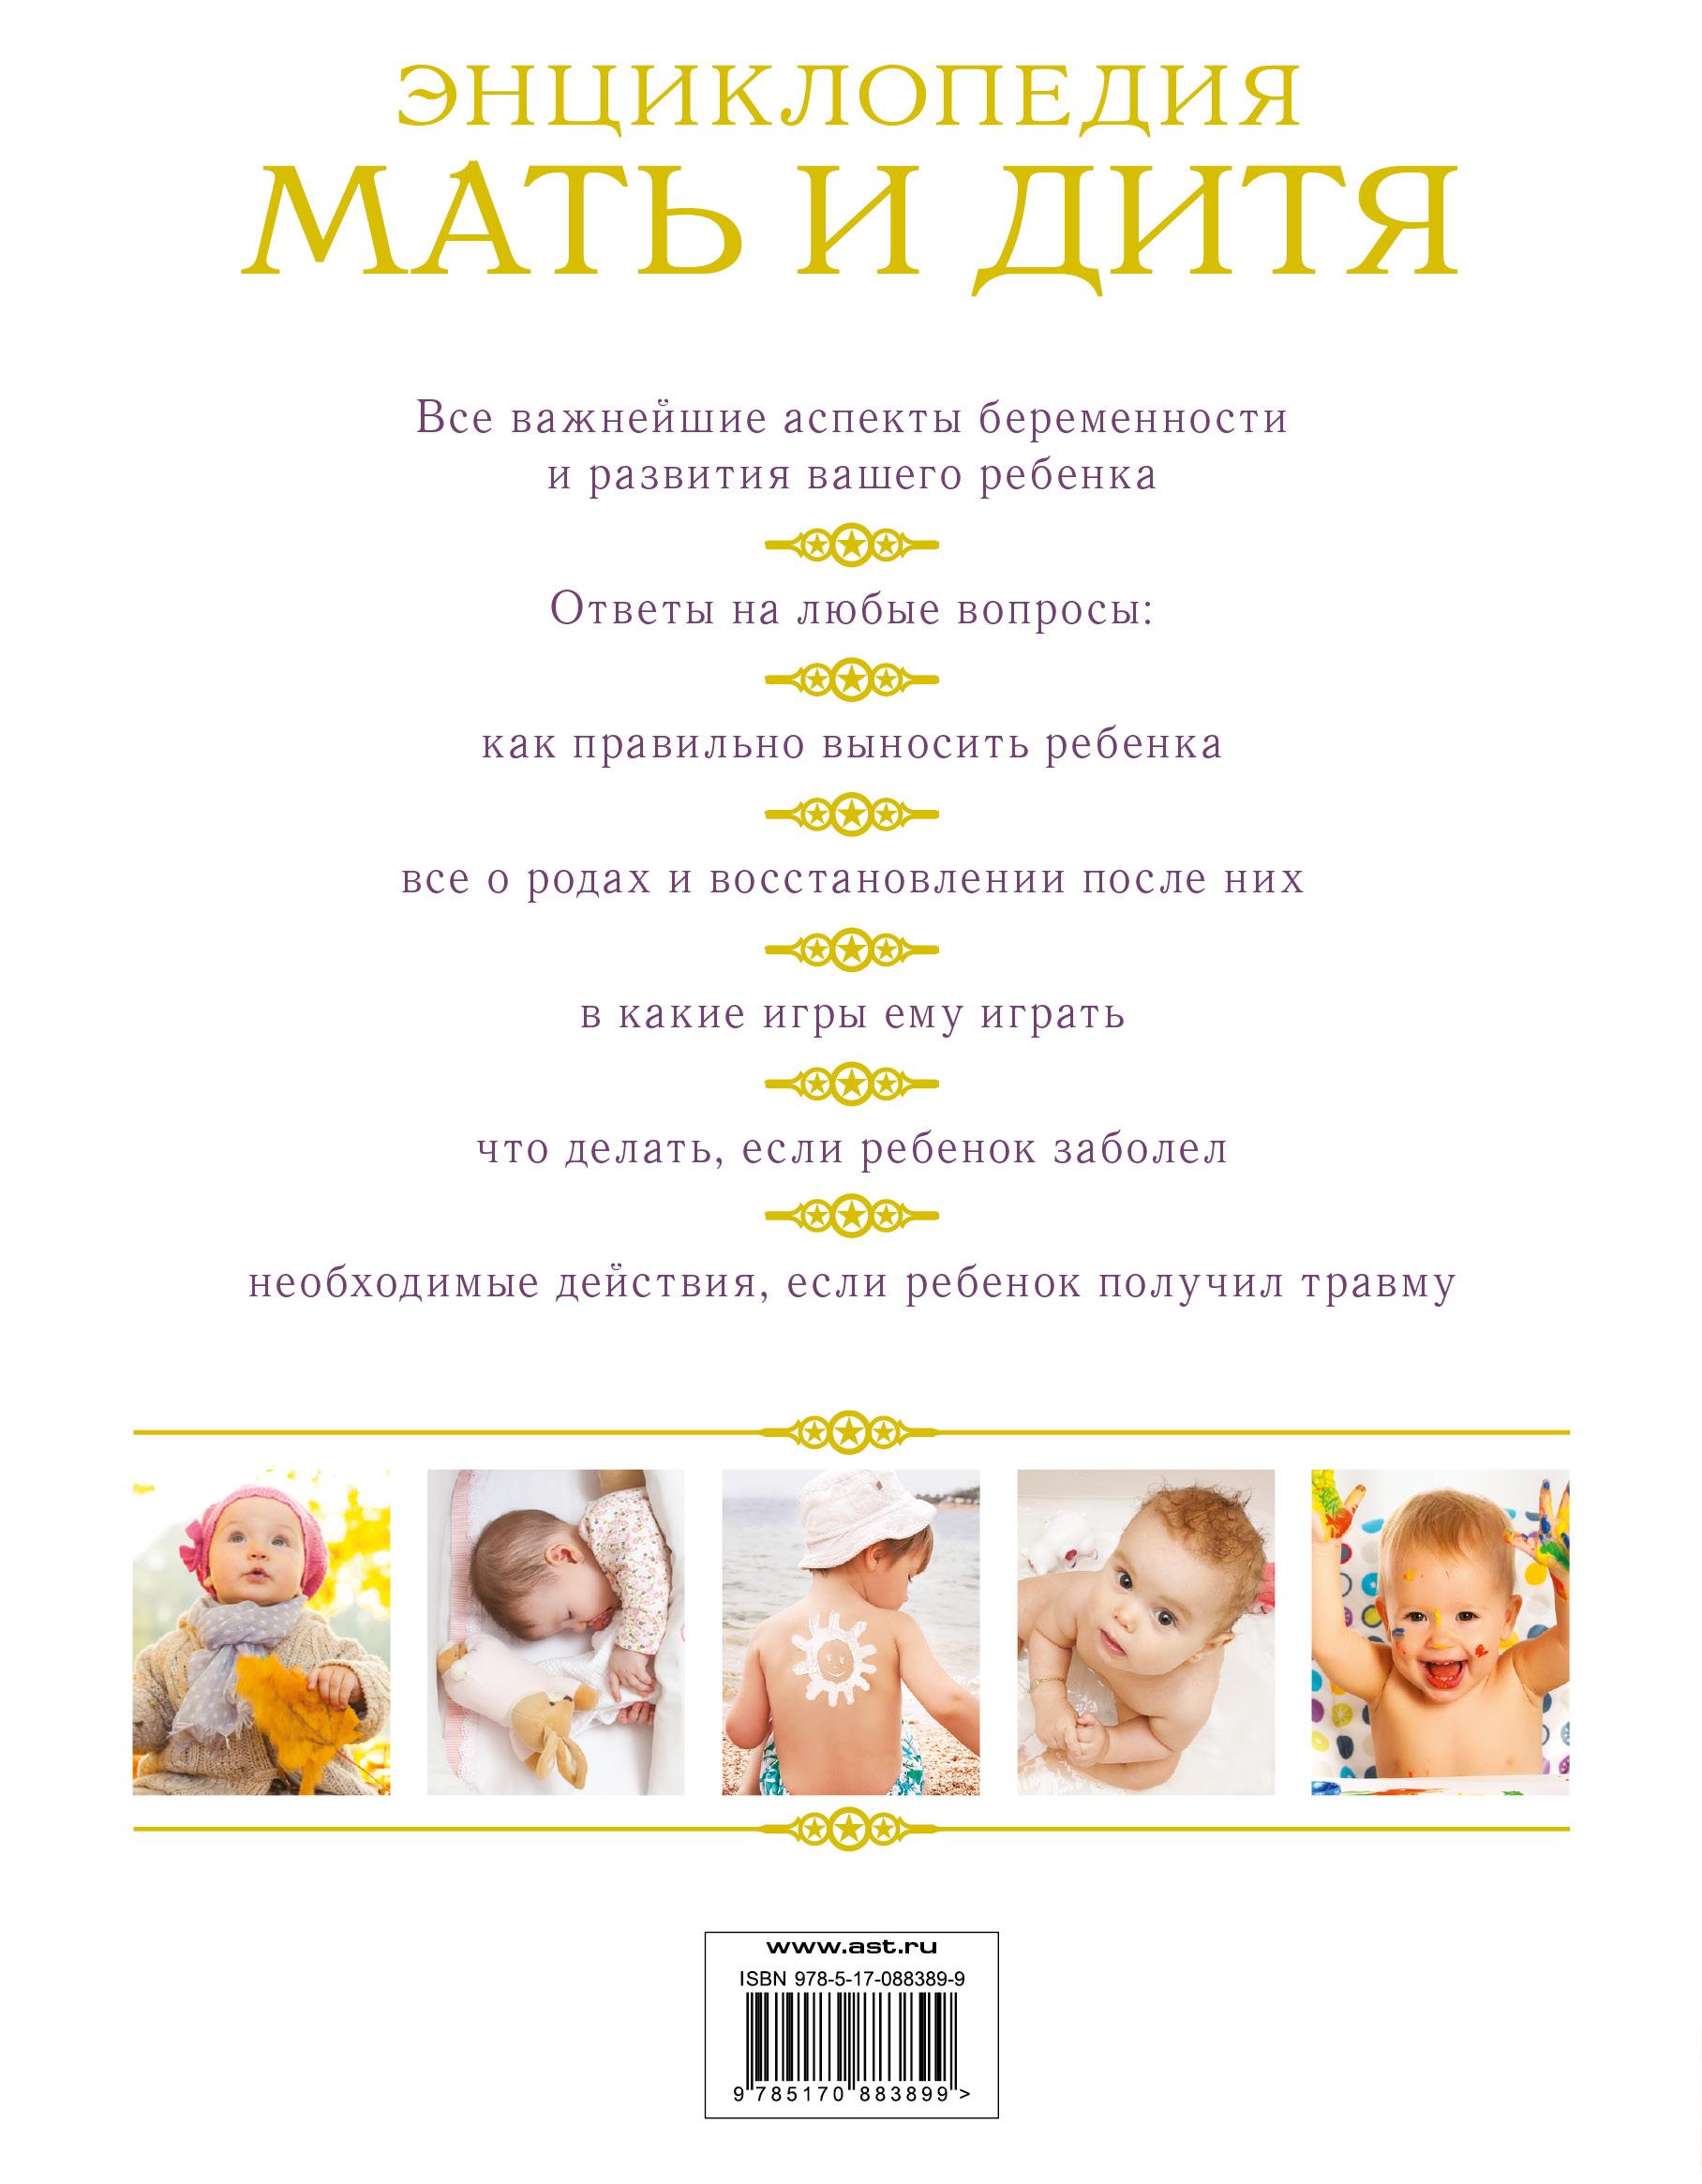 Мать и дитя. От беременности до 3 лет. Энциклопедия